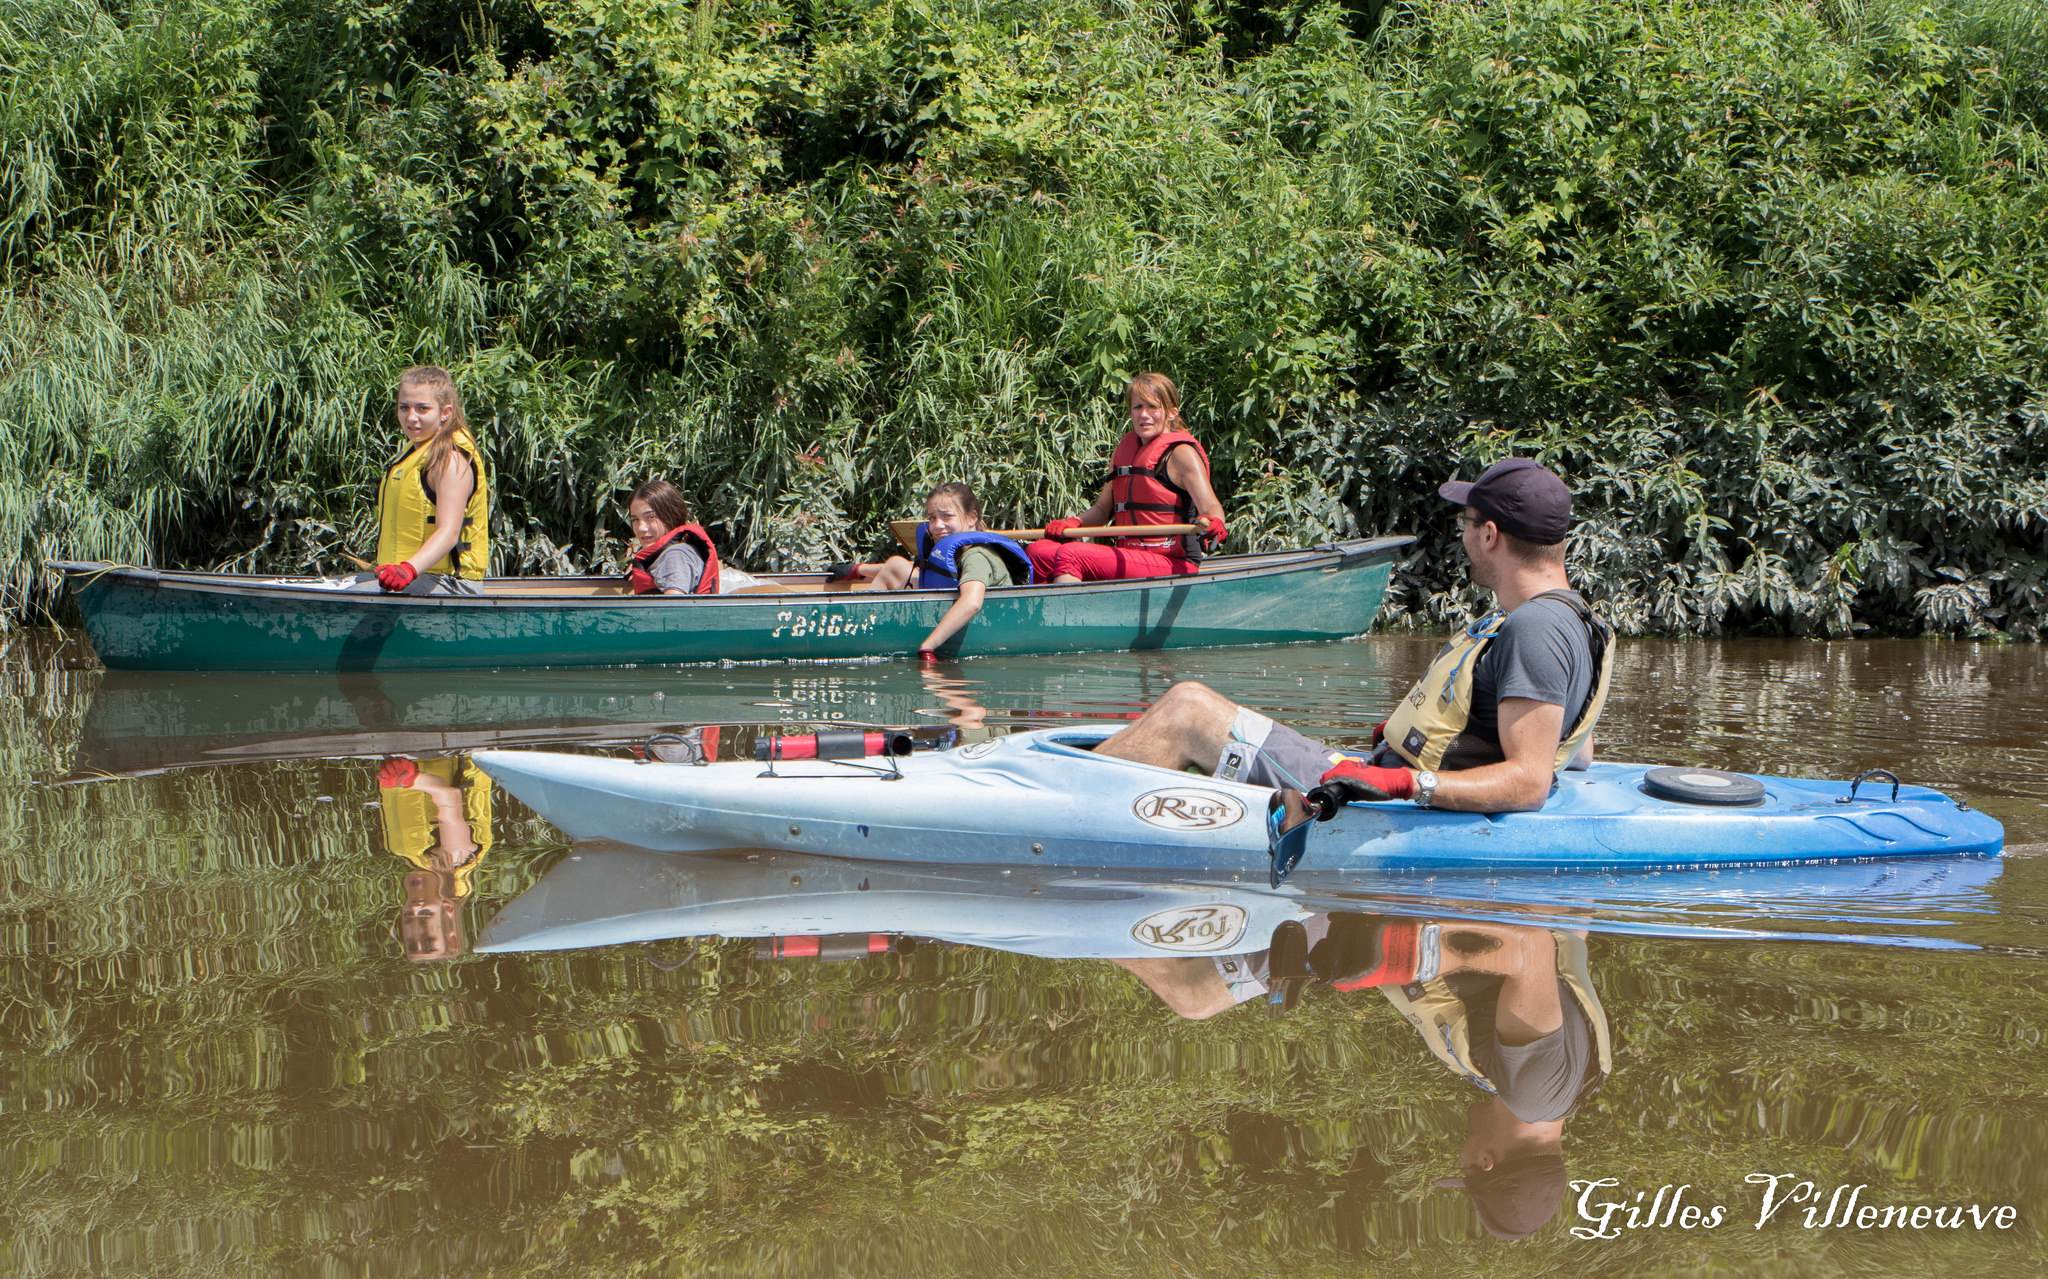 Personnes en canot et en kayak sur la rivière Chaudière, un parcours canotable.